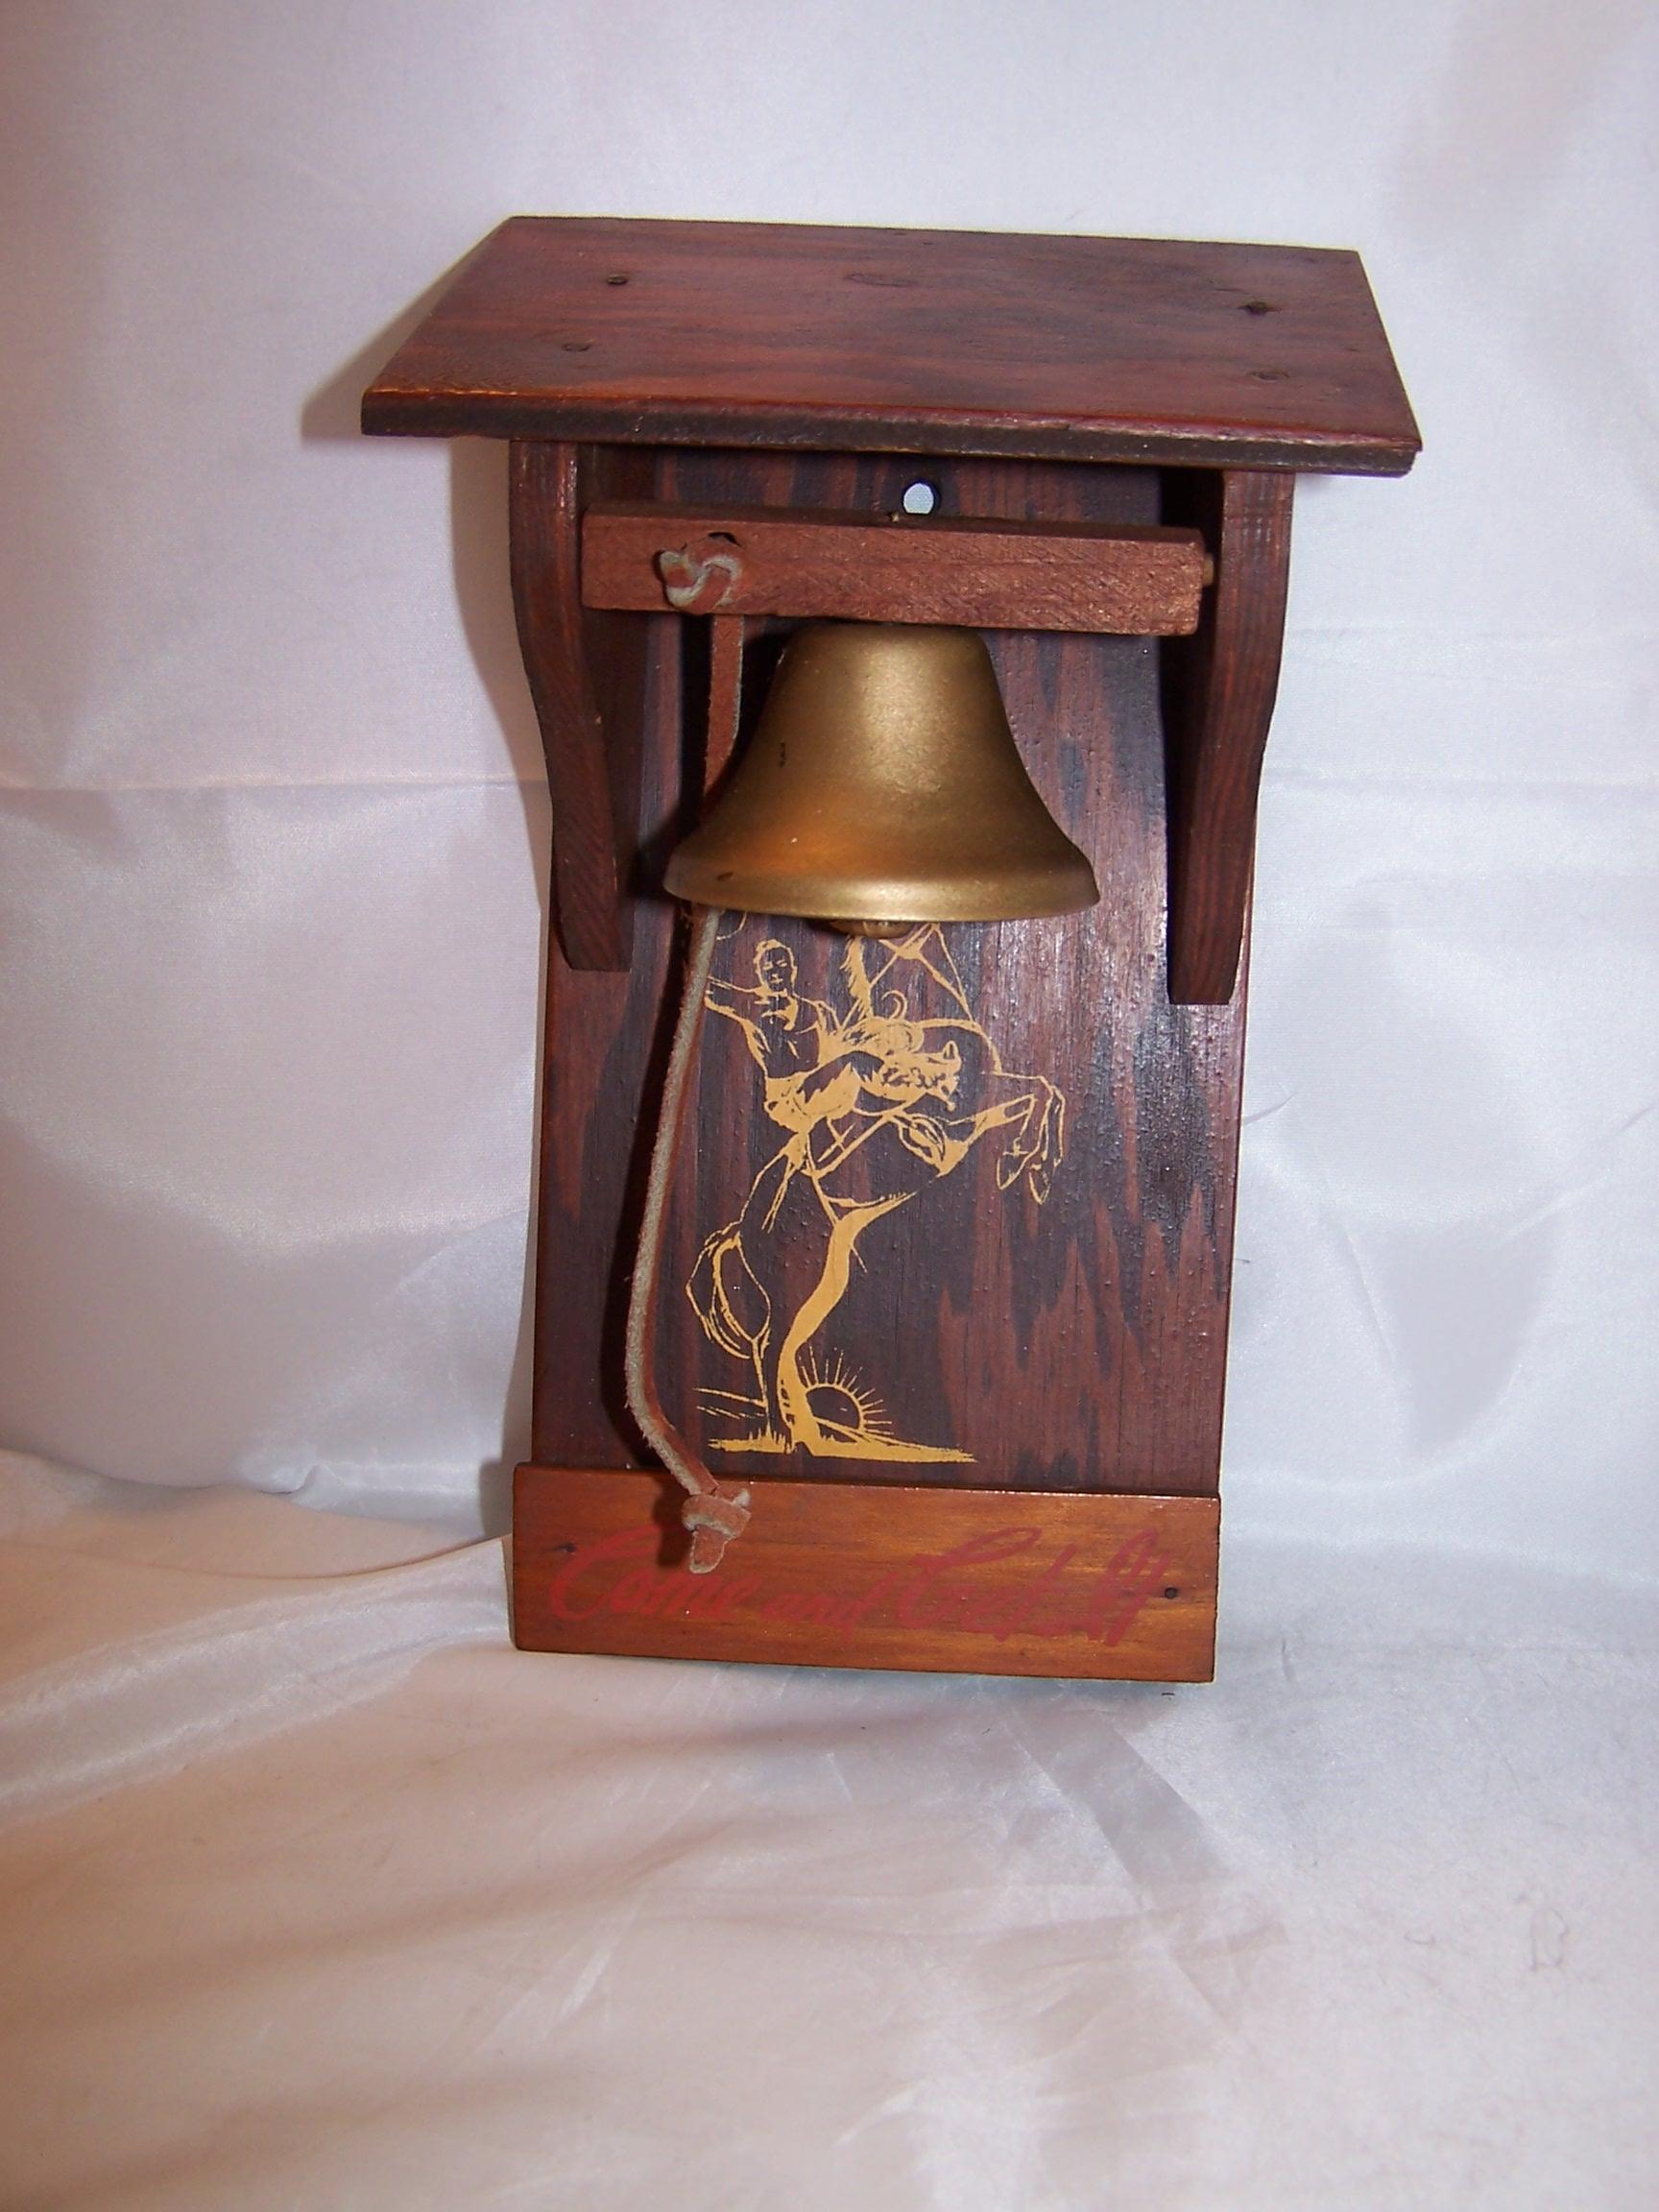 Image 1 of Cowboy Dinner Bell, Wood, Metal, Vintage